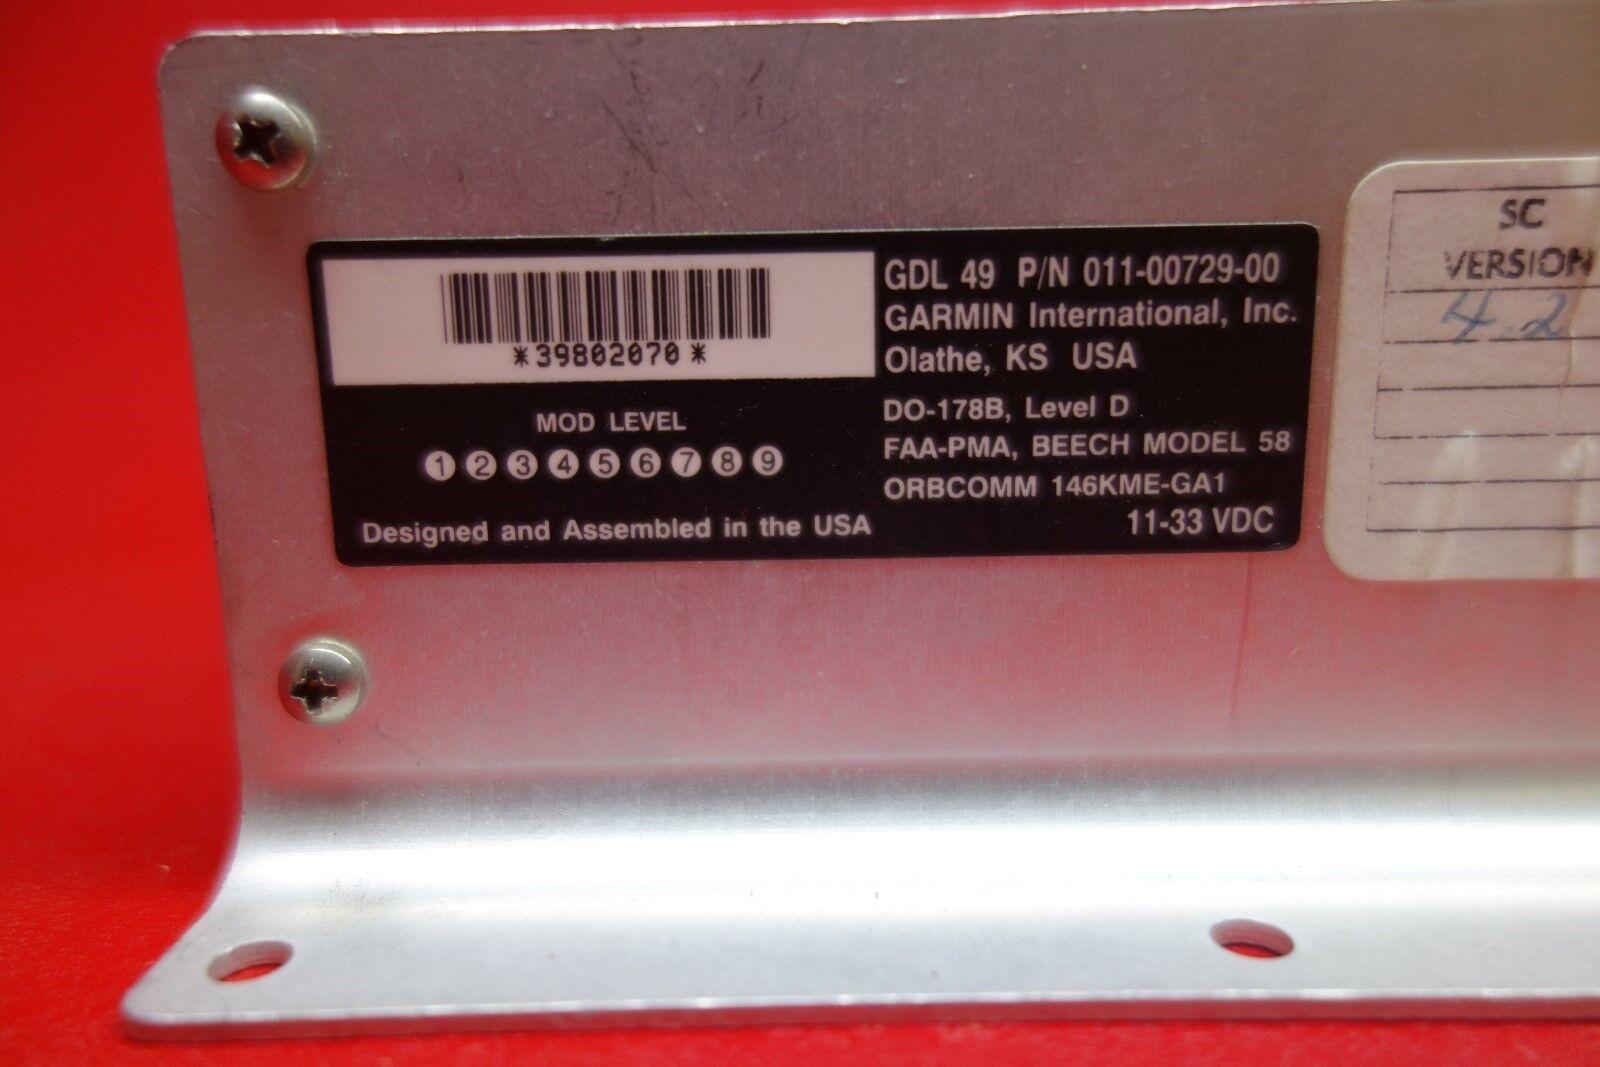 Garmin GDL 49 Data Link Receiver PN 011-00729-00